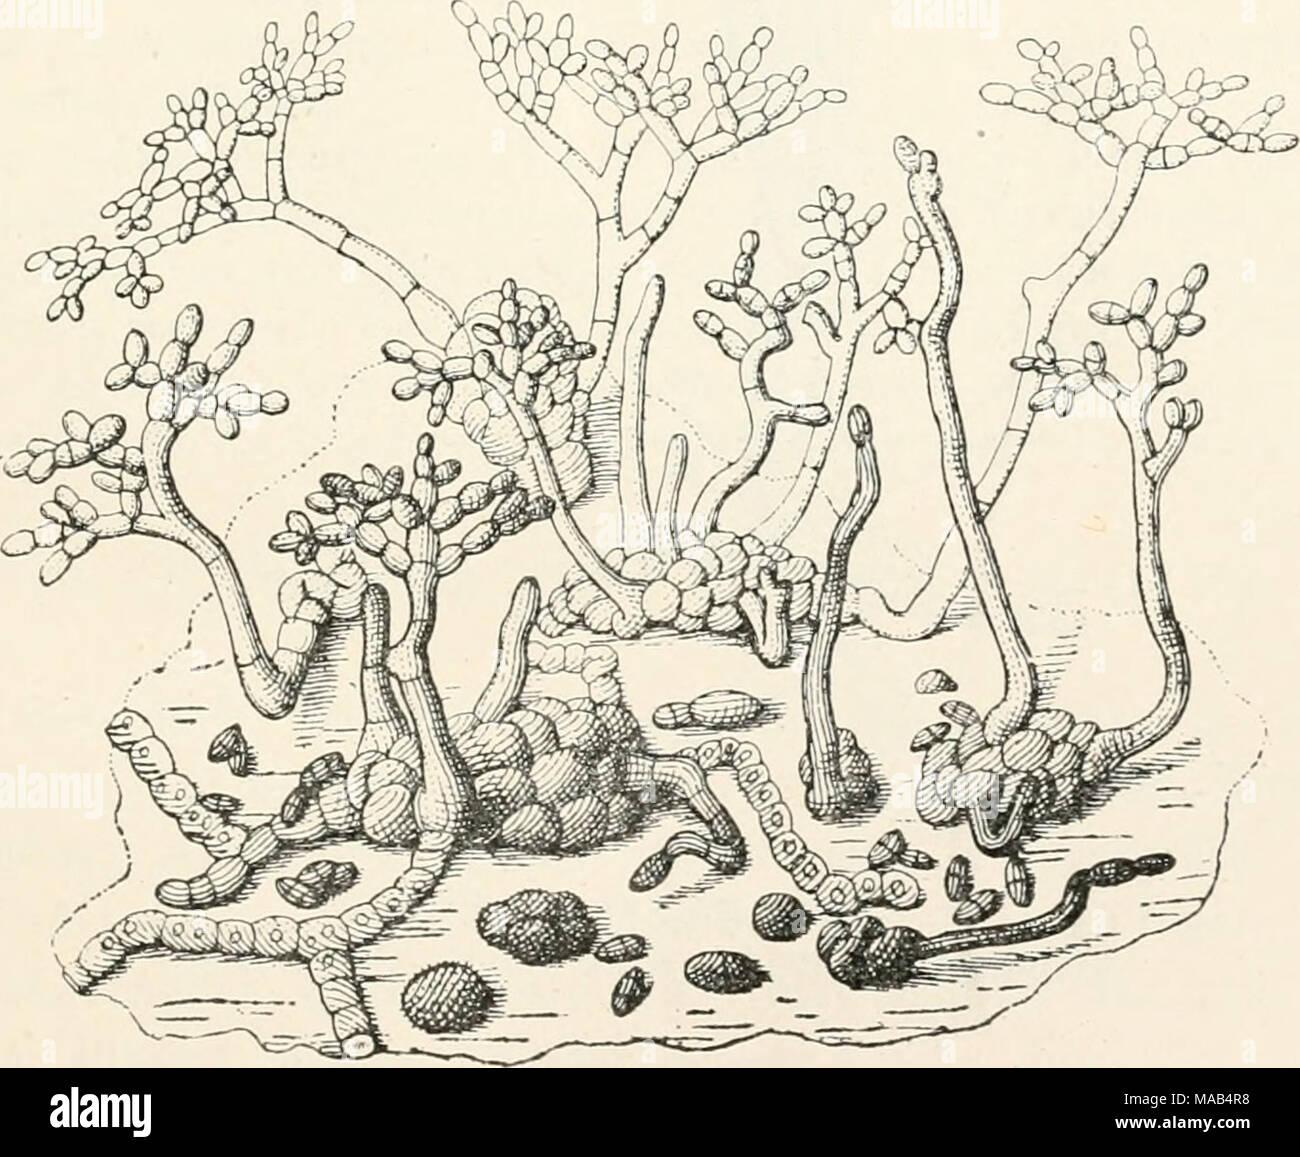 . Dr. L. Rabenhorst's Kryptogamen-Flora von Deutschland, Oesterreich und der Schweiz . Fumago vagans Pers. Konidienträger in verschiedenen Stadien, stark vergr. (Nach Tulasne.) - Stock Image